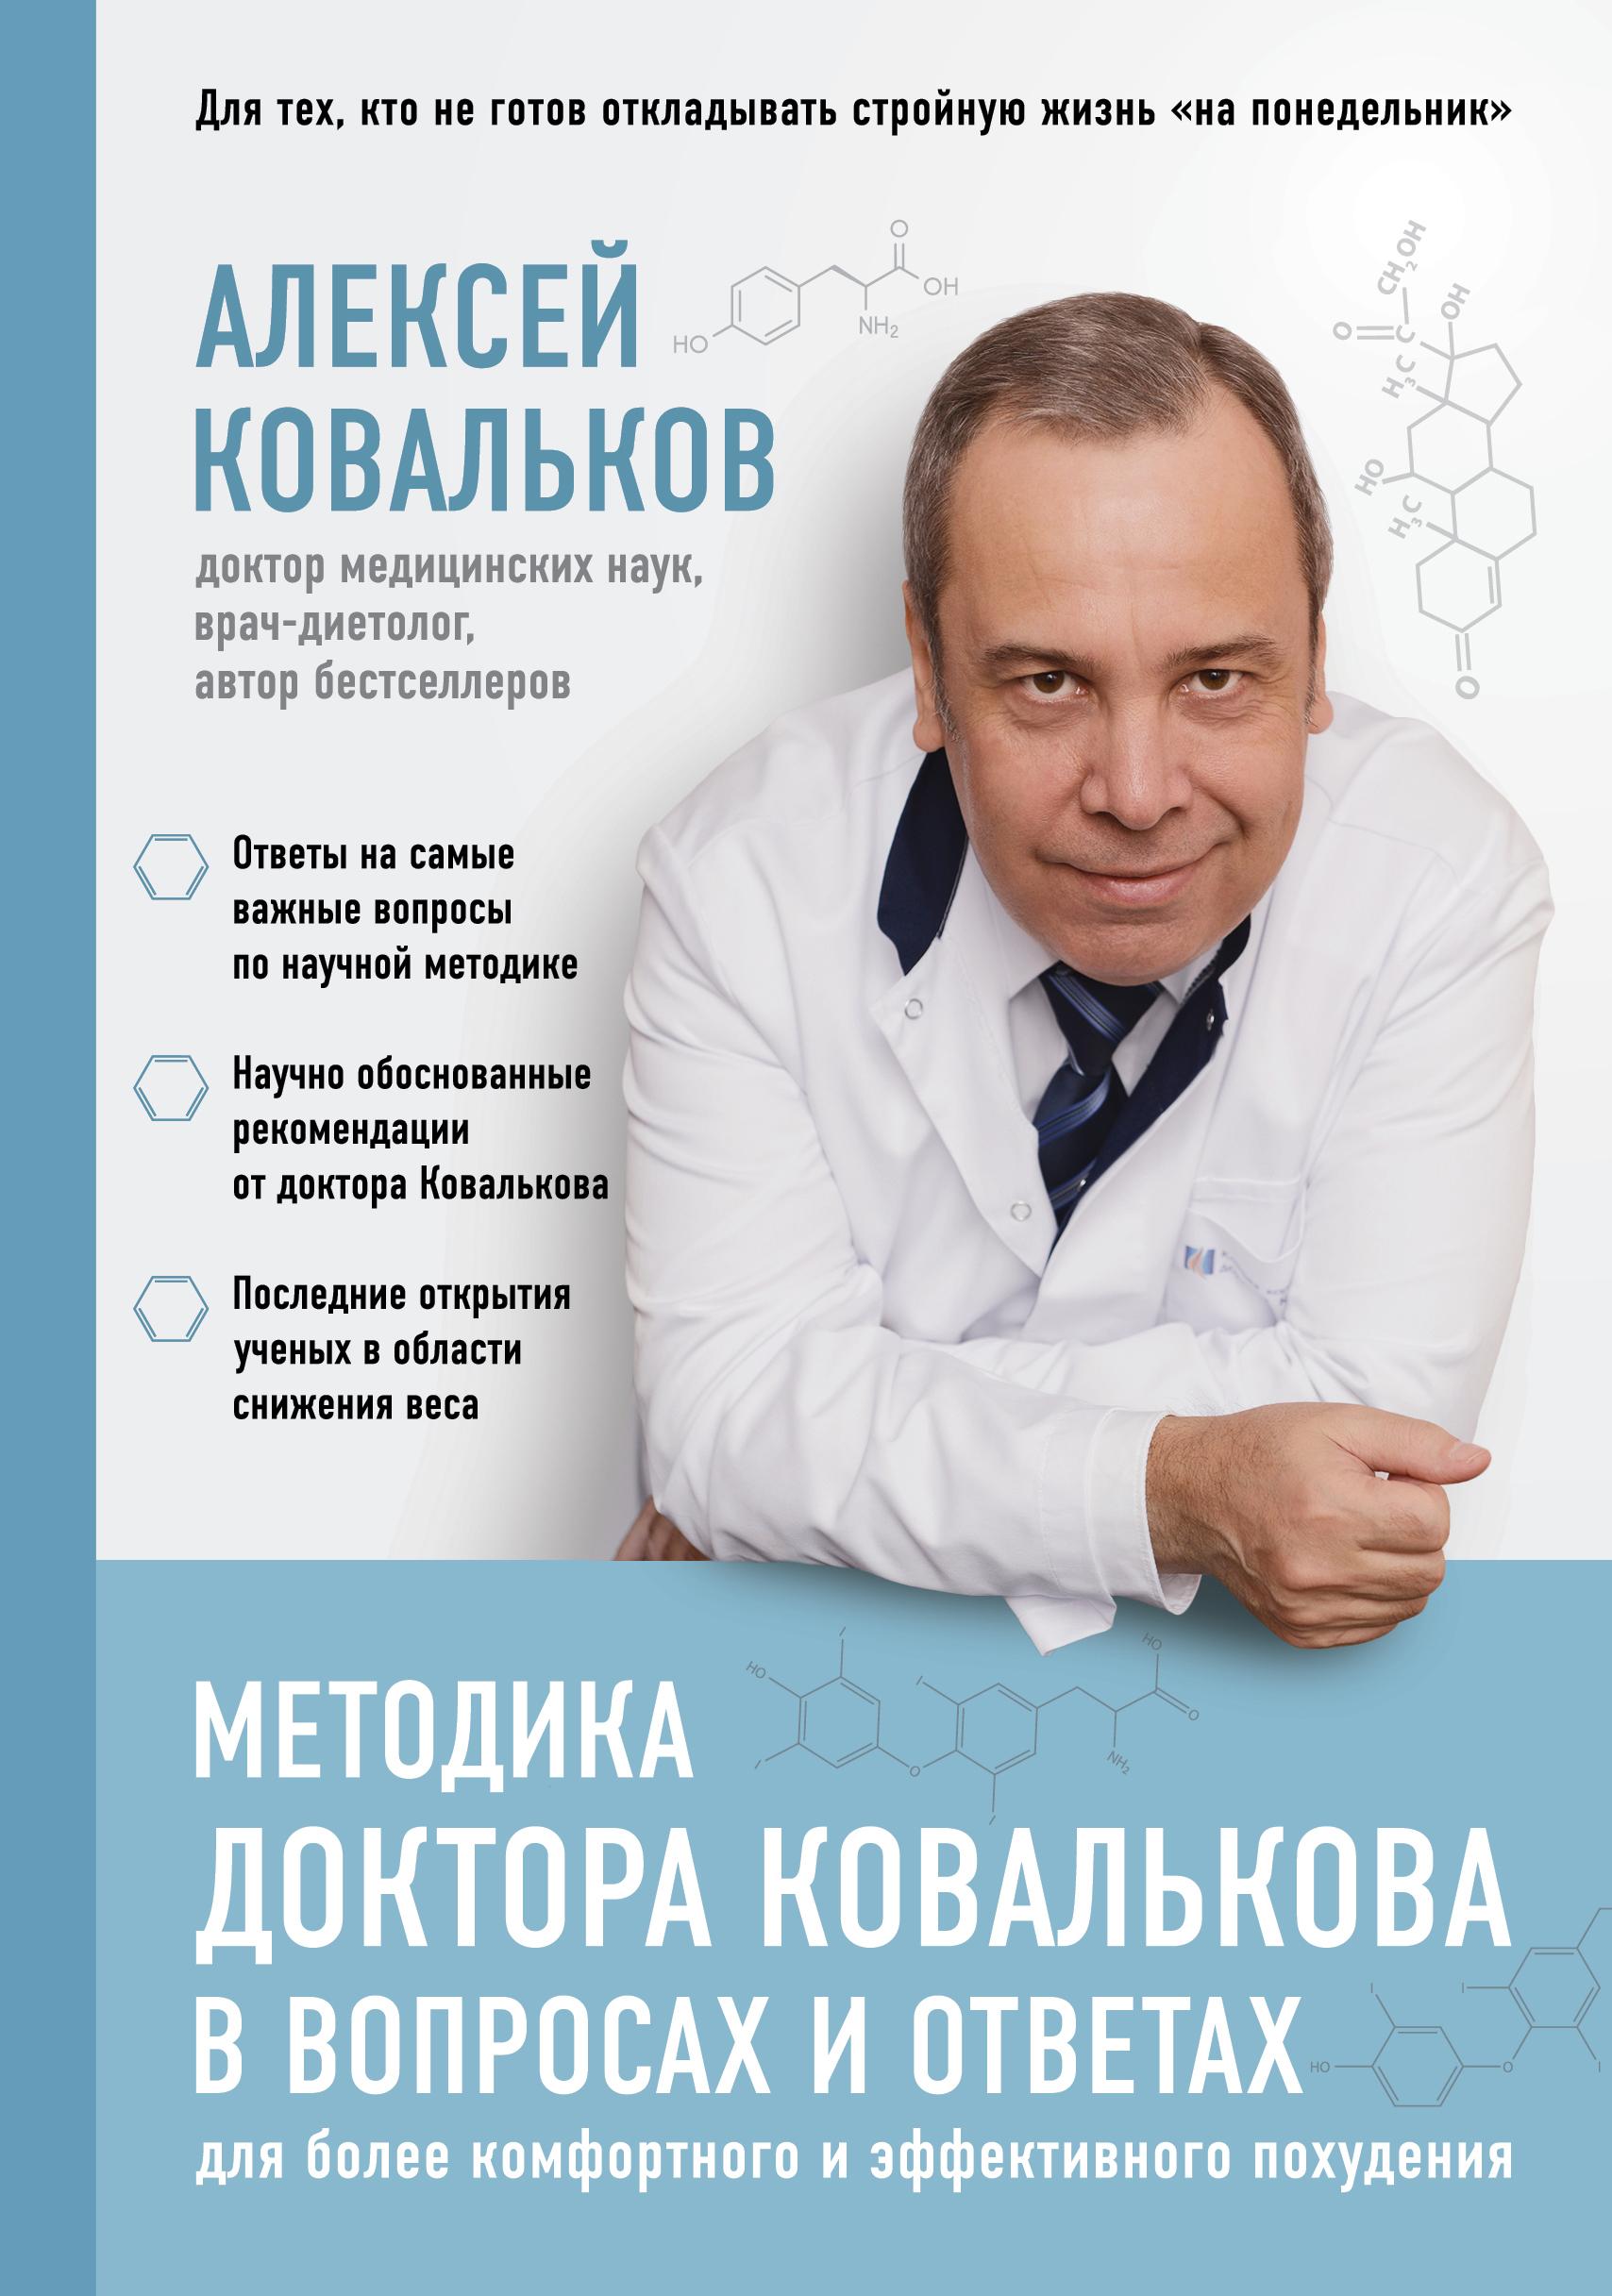 А. В. Ковальков Методика доктора Ковалькова в вопросах и ответах для более комфортного похудения